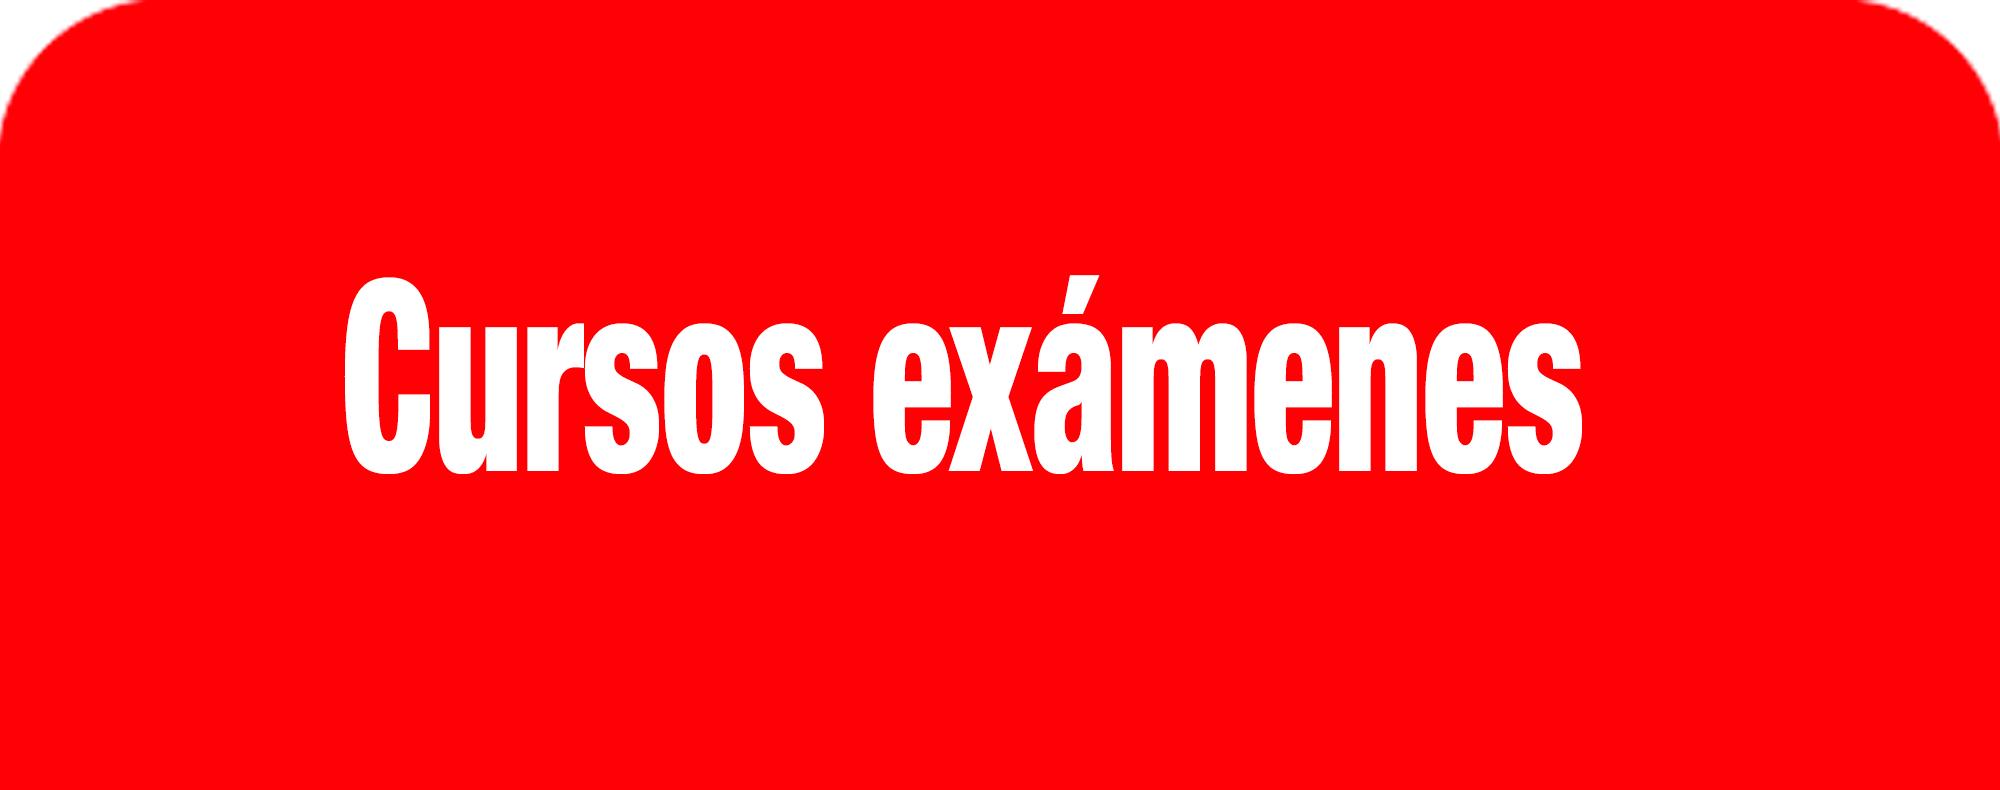 Cursos exámenes